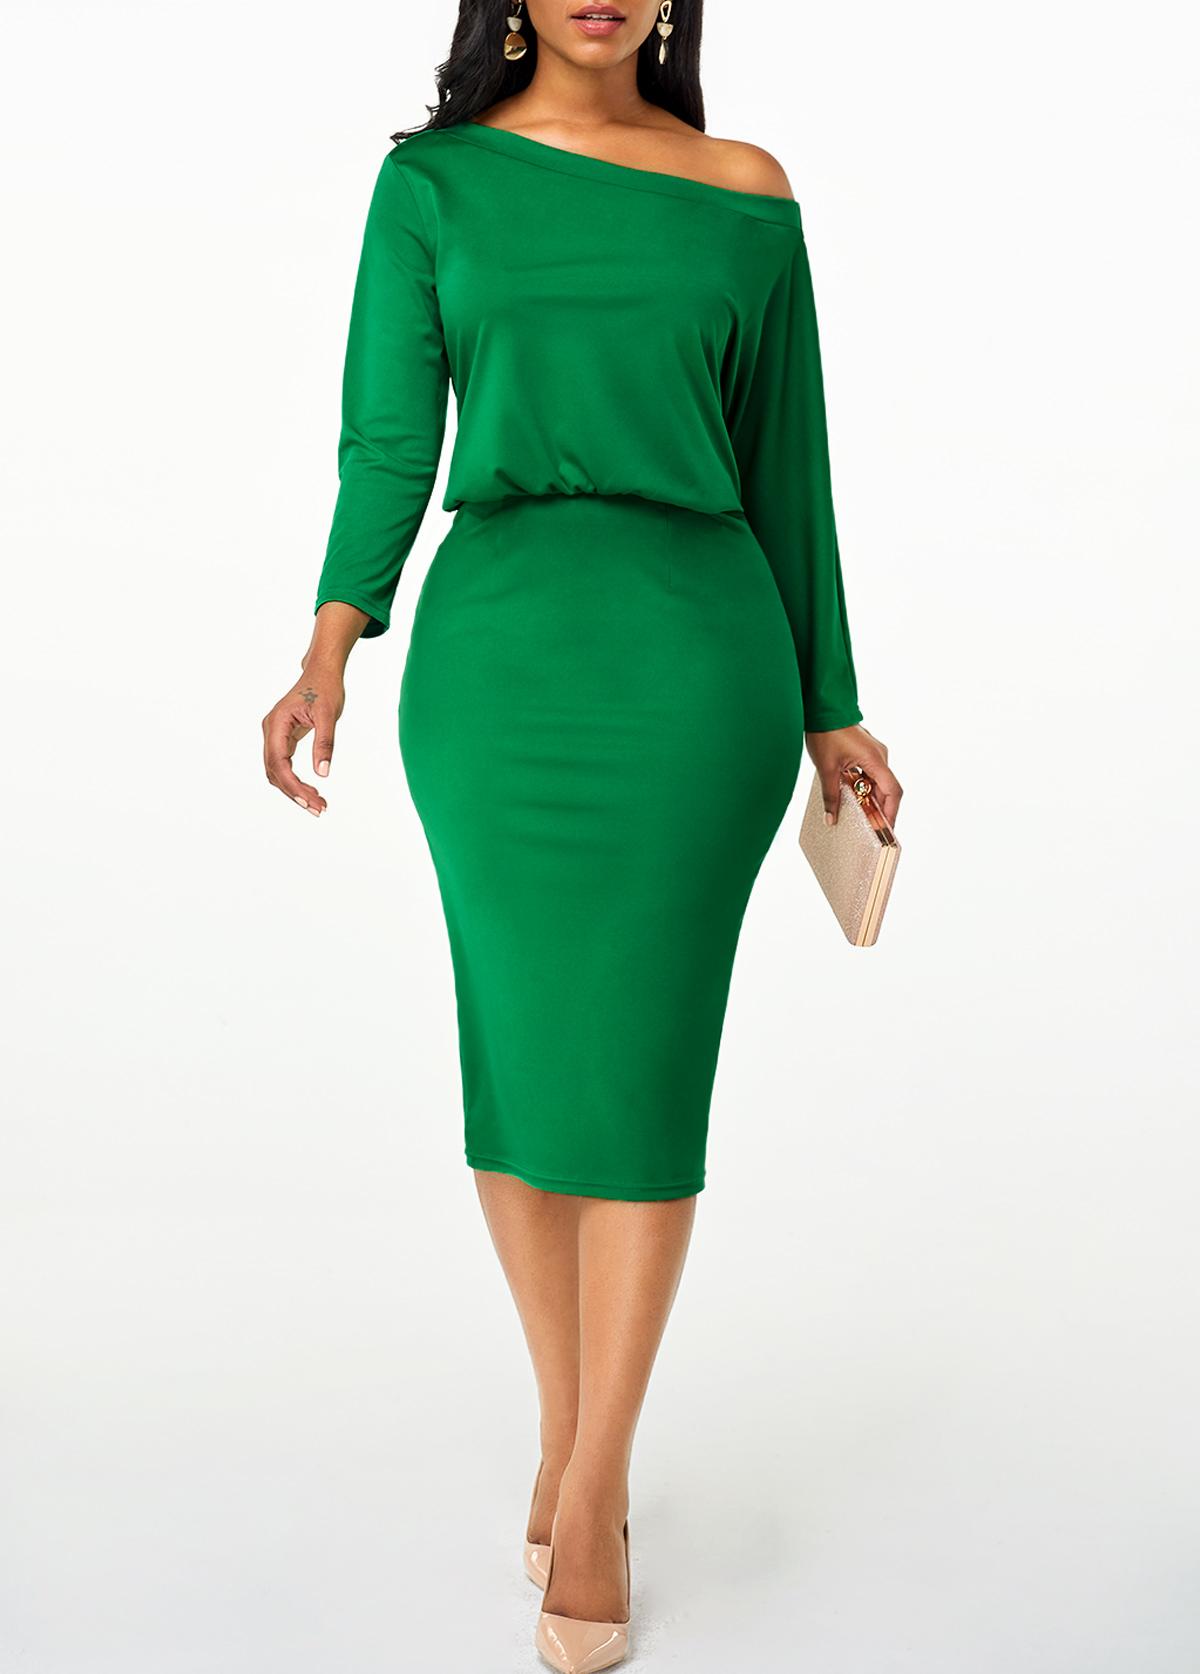 High Waist Skew Neck Green Dress